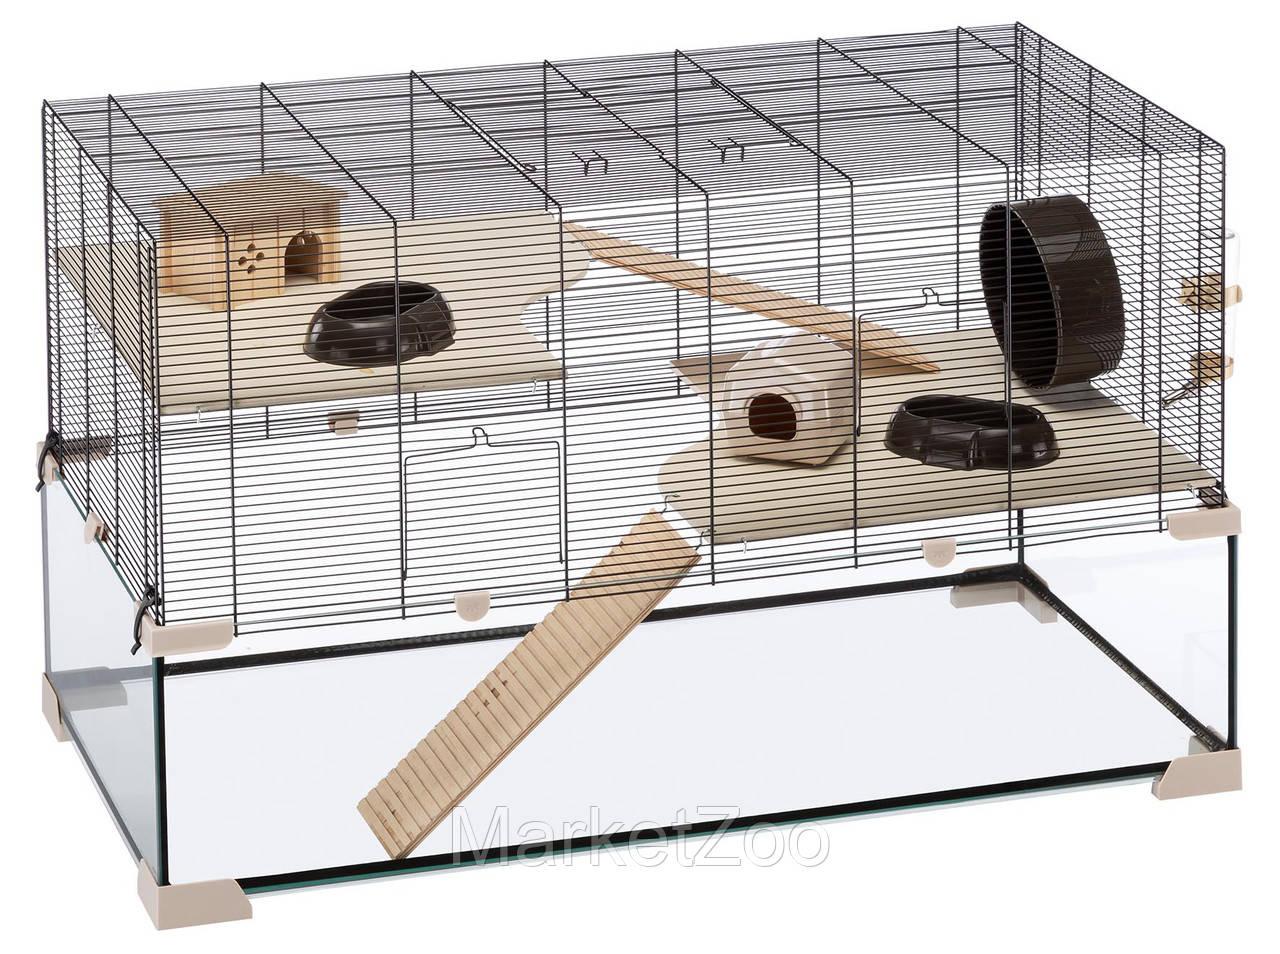 Клетка Ferplast KARAT 100 для хомяков и мышей